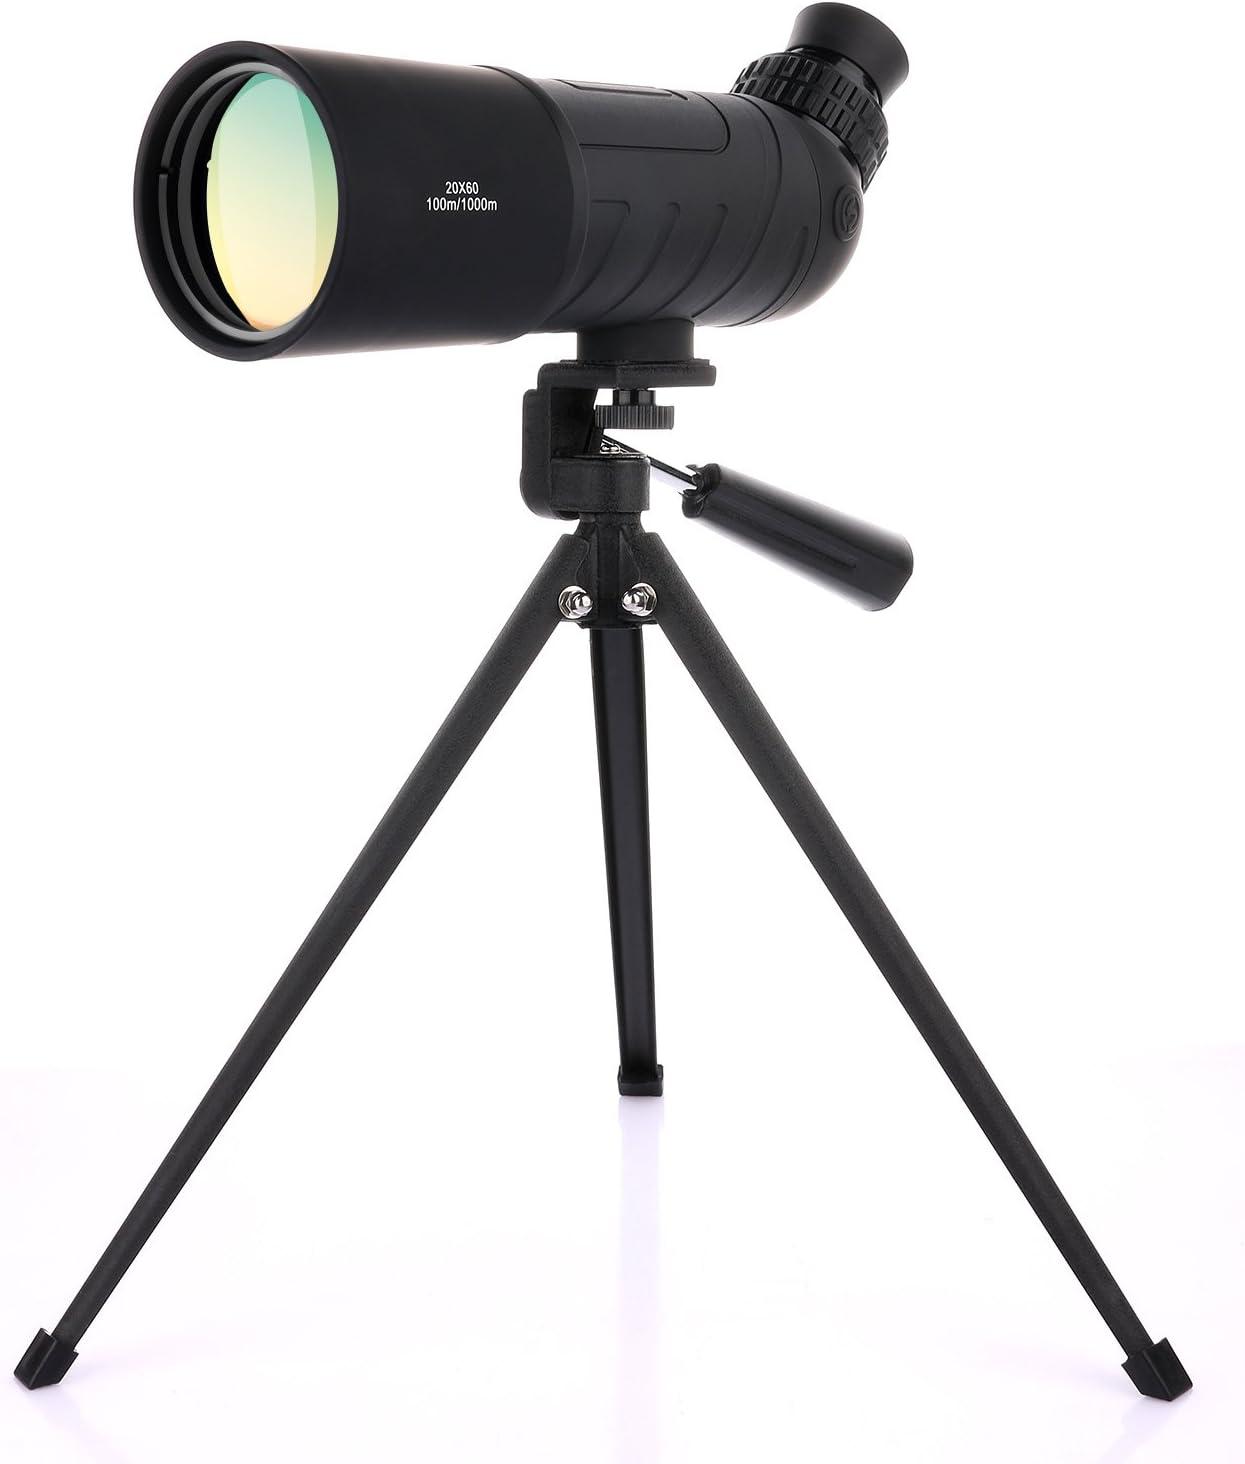 OXA Waterproof Spotting Scope Review